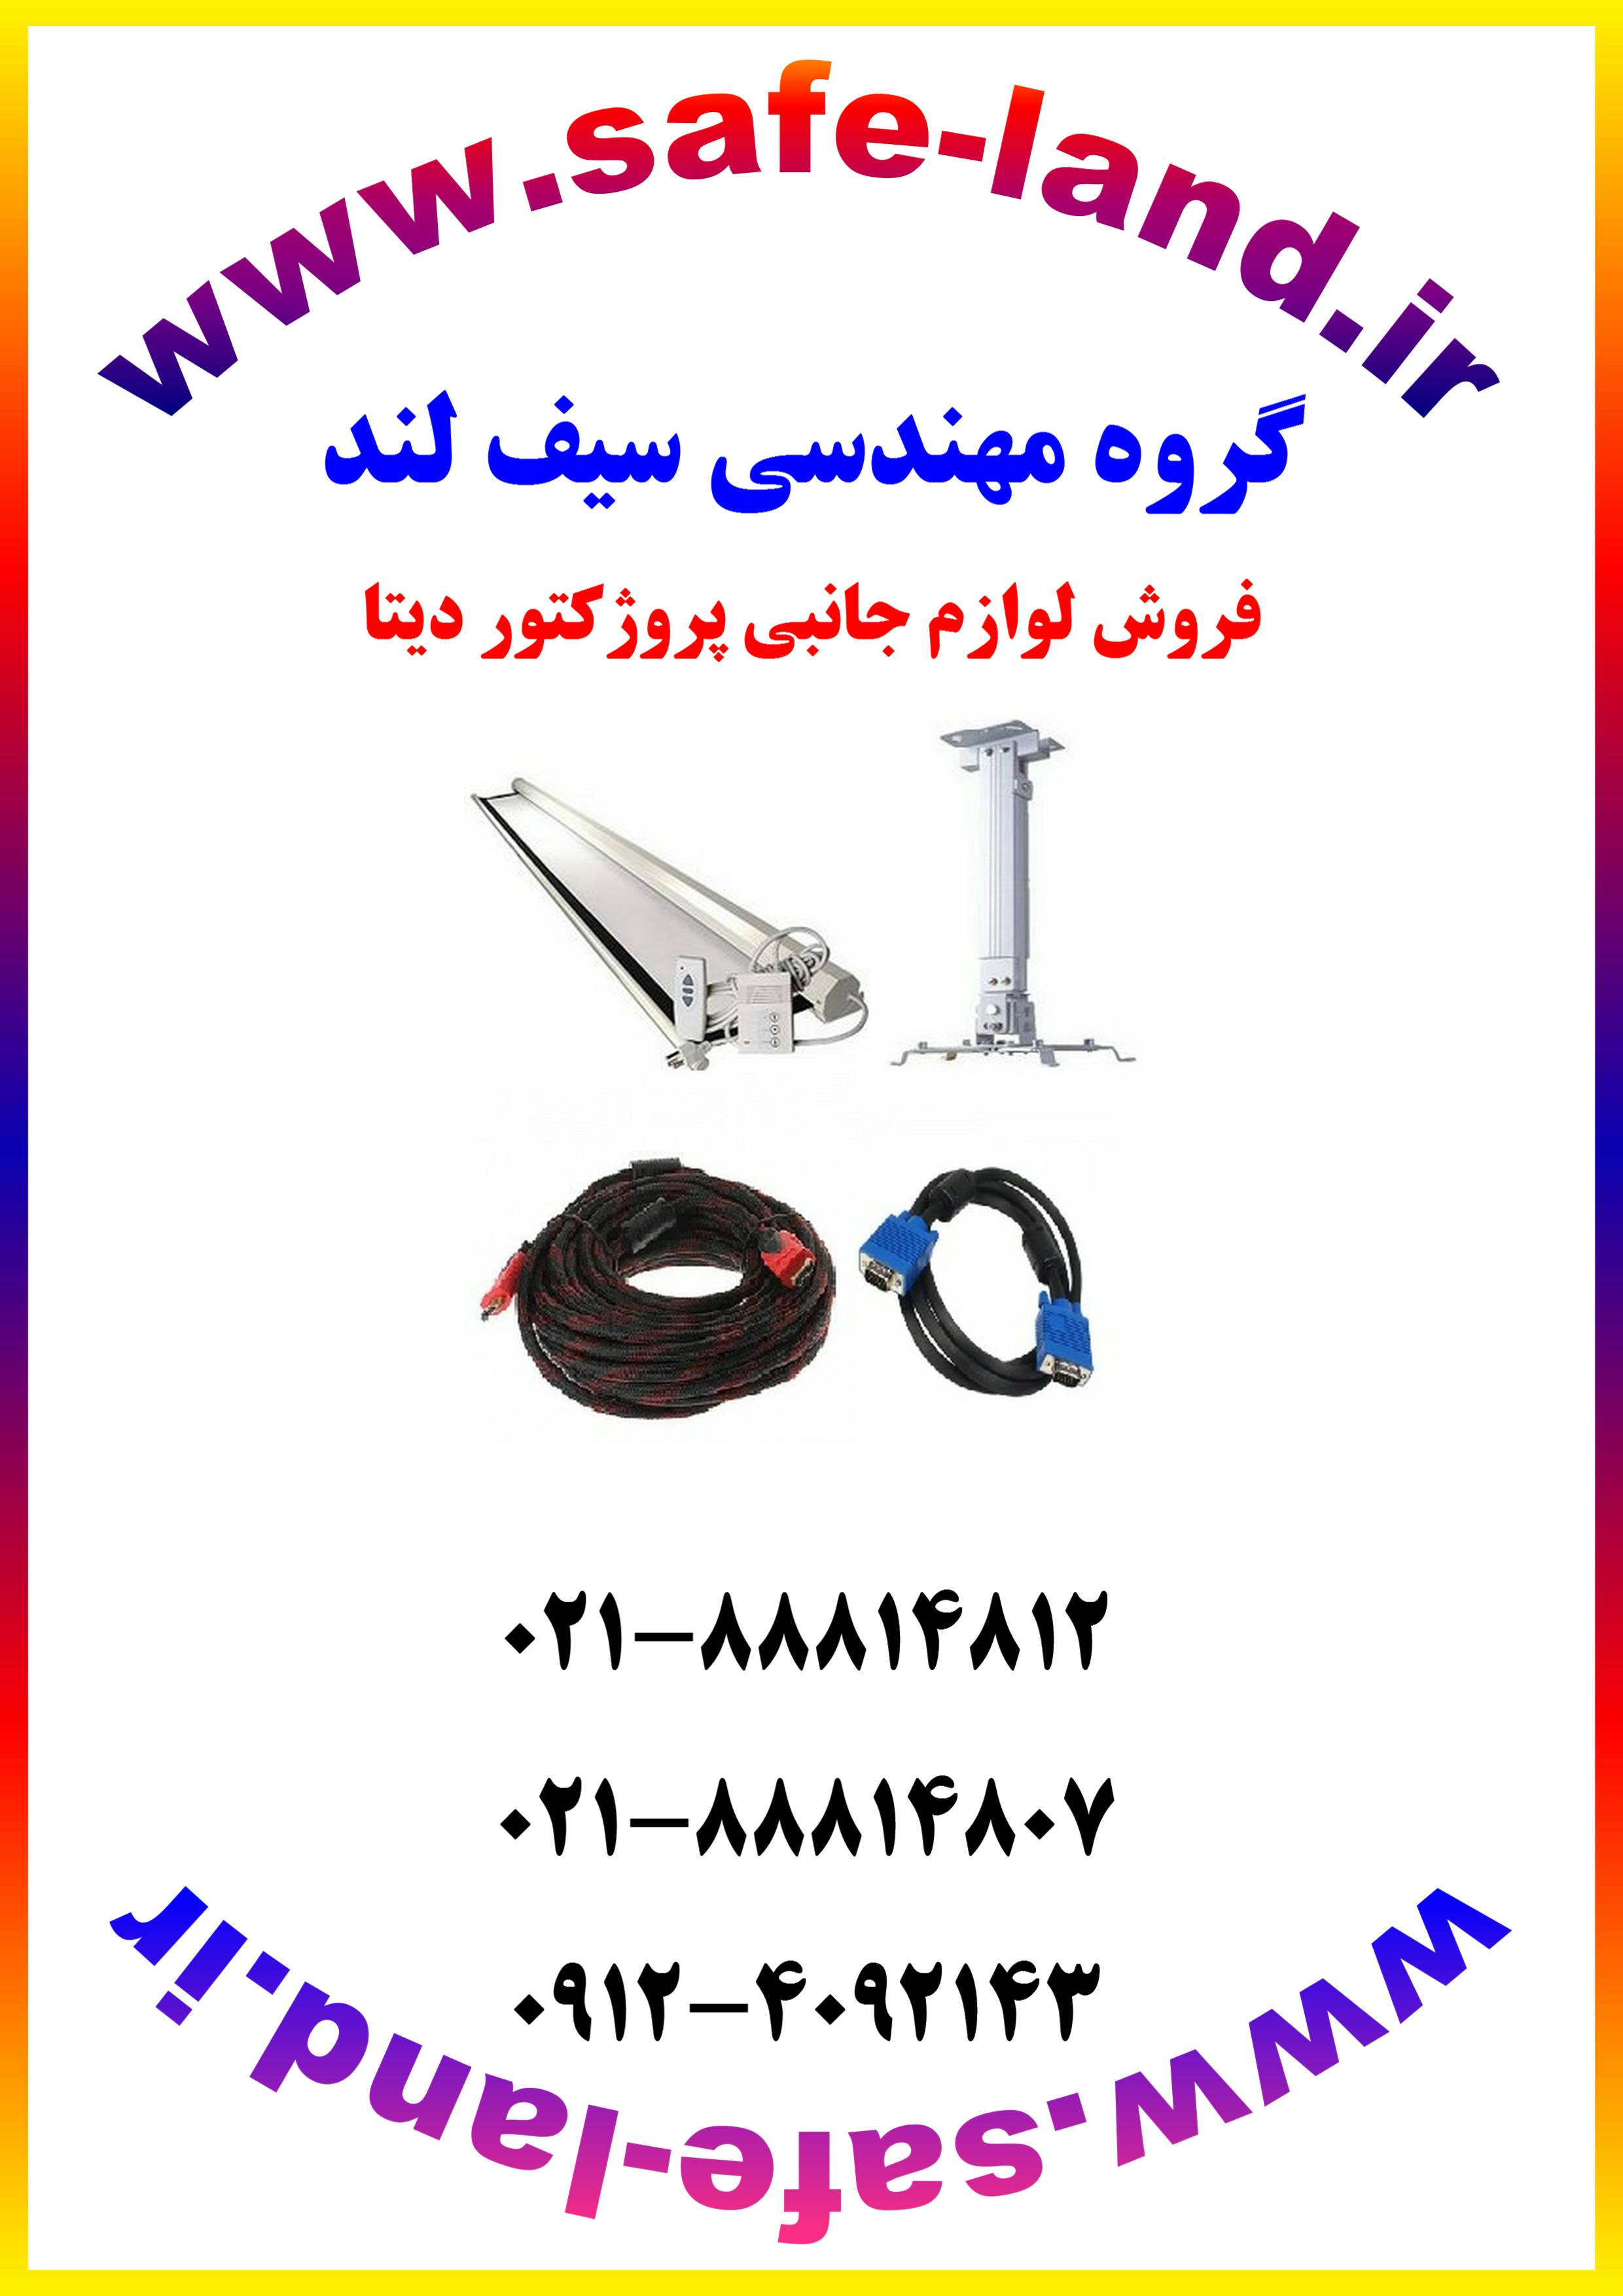 فروش لوازم جانبی پروژکتور مهندسی سیف لند ایران سرزمین امن تعمیرات ماشین های اداری